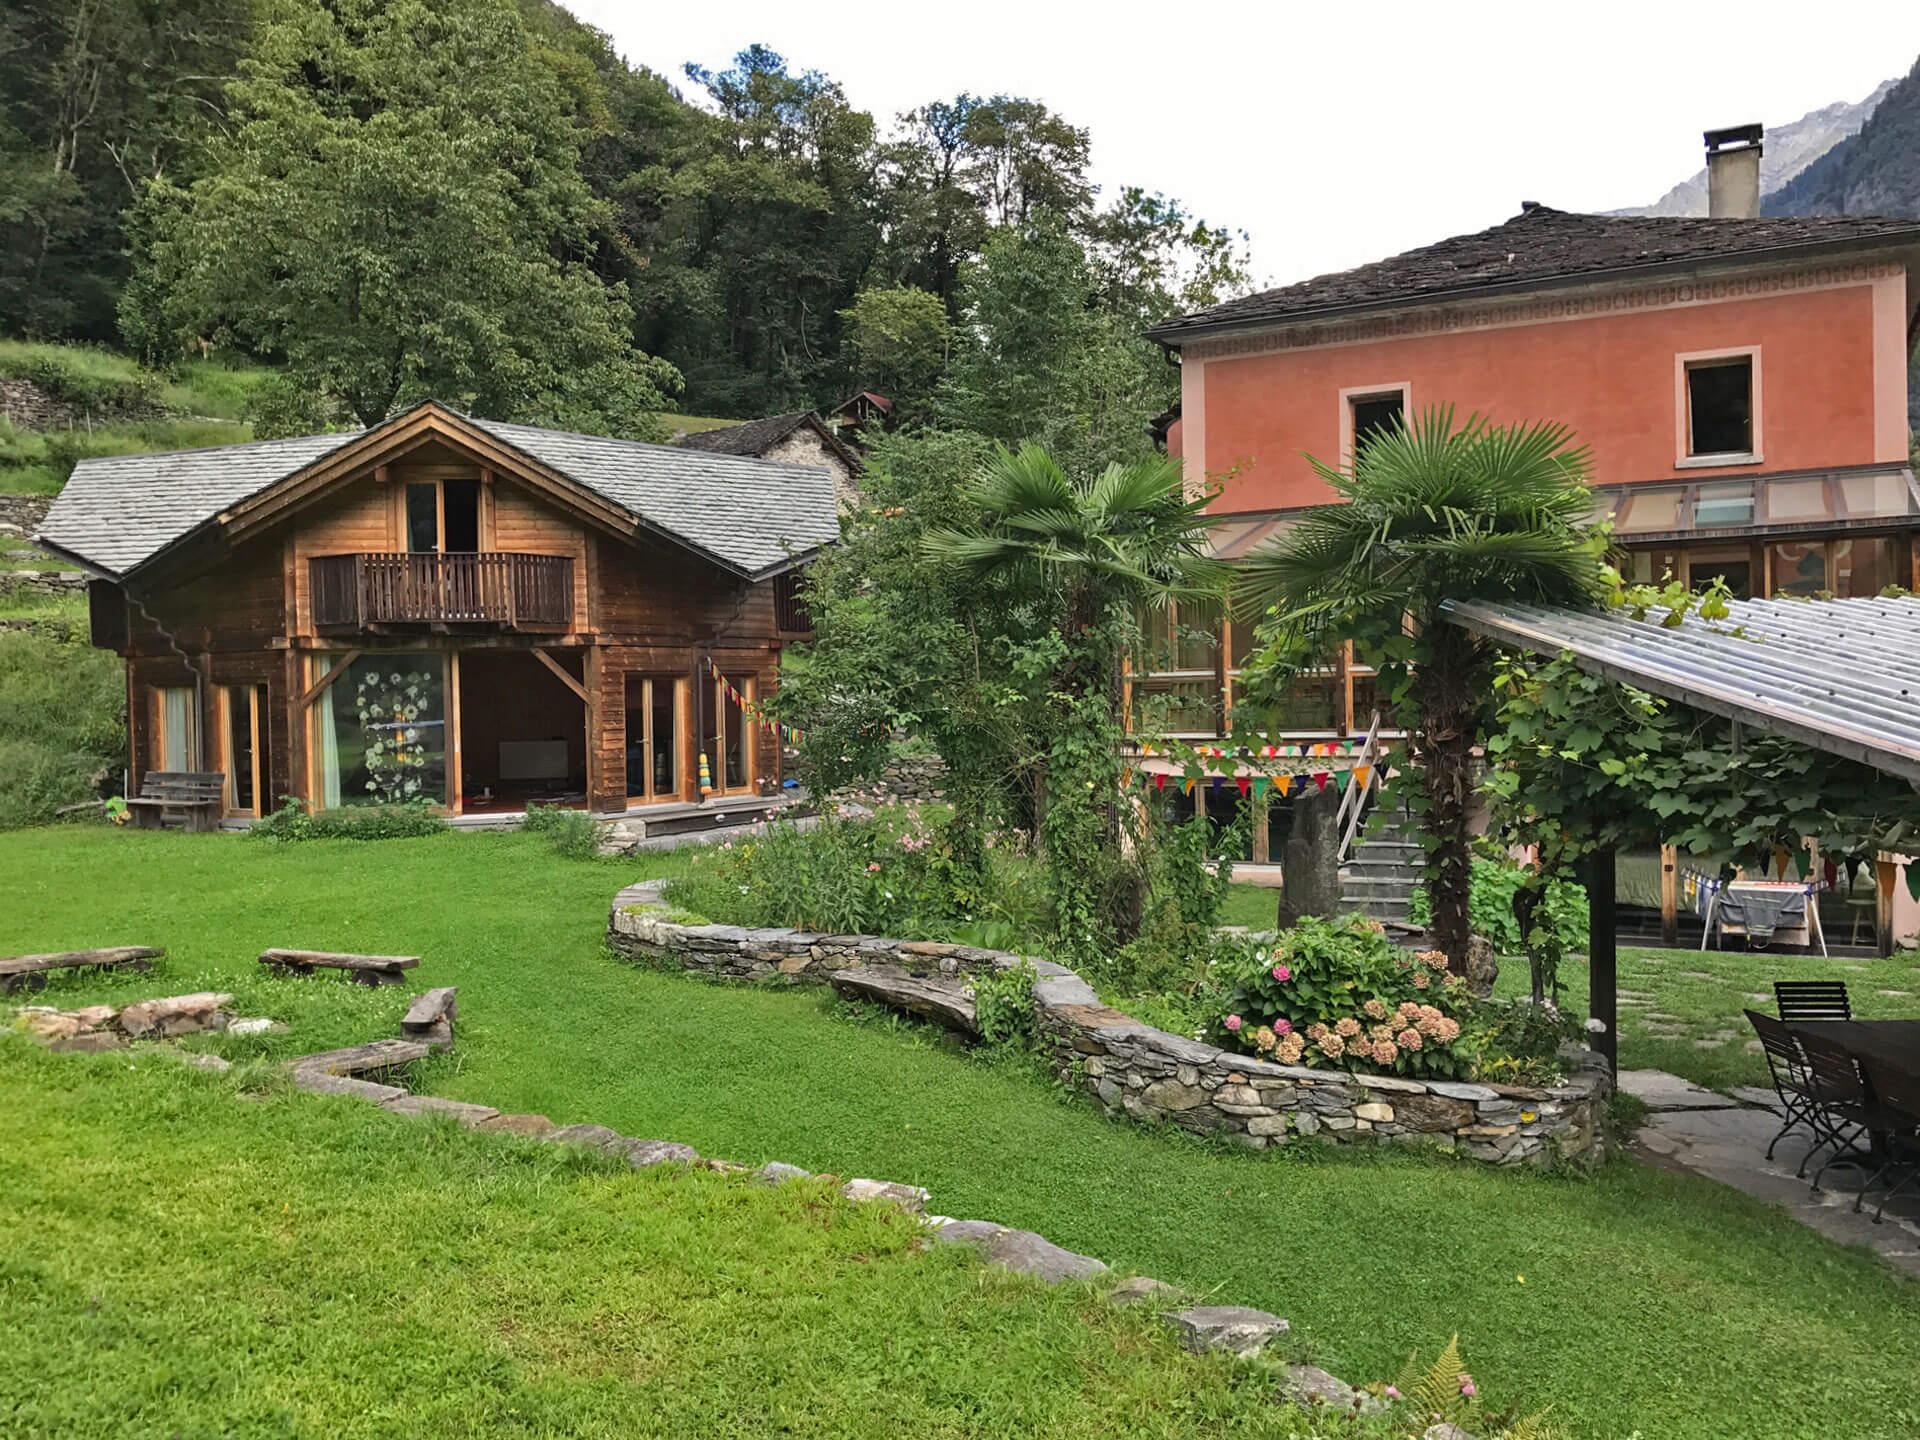 Centro Arte. Garten, Pavillon, Hapthaus und Pergola